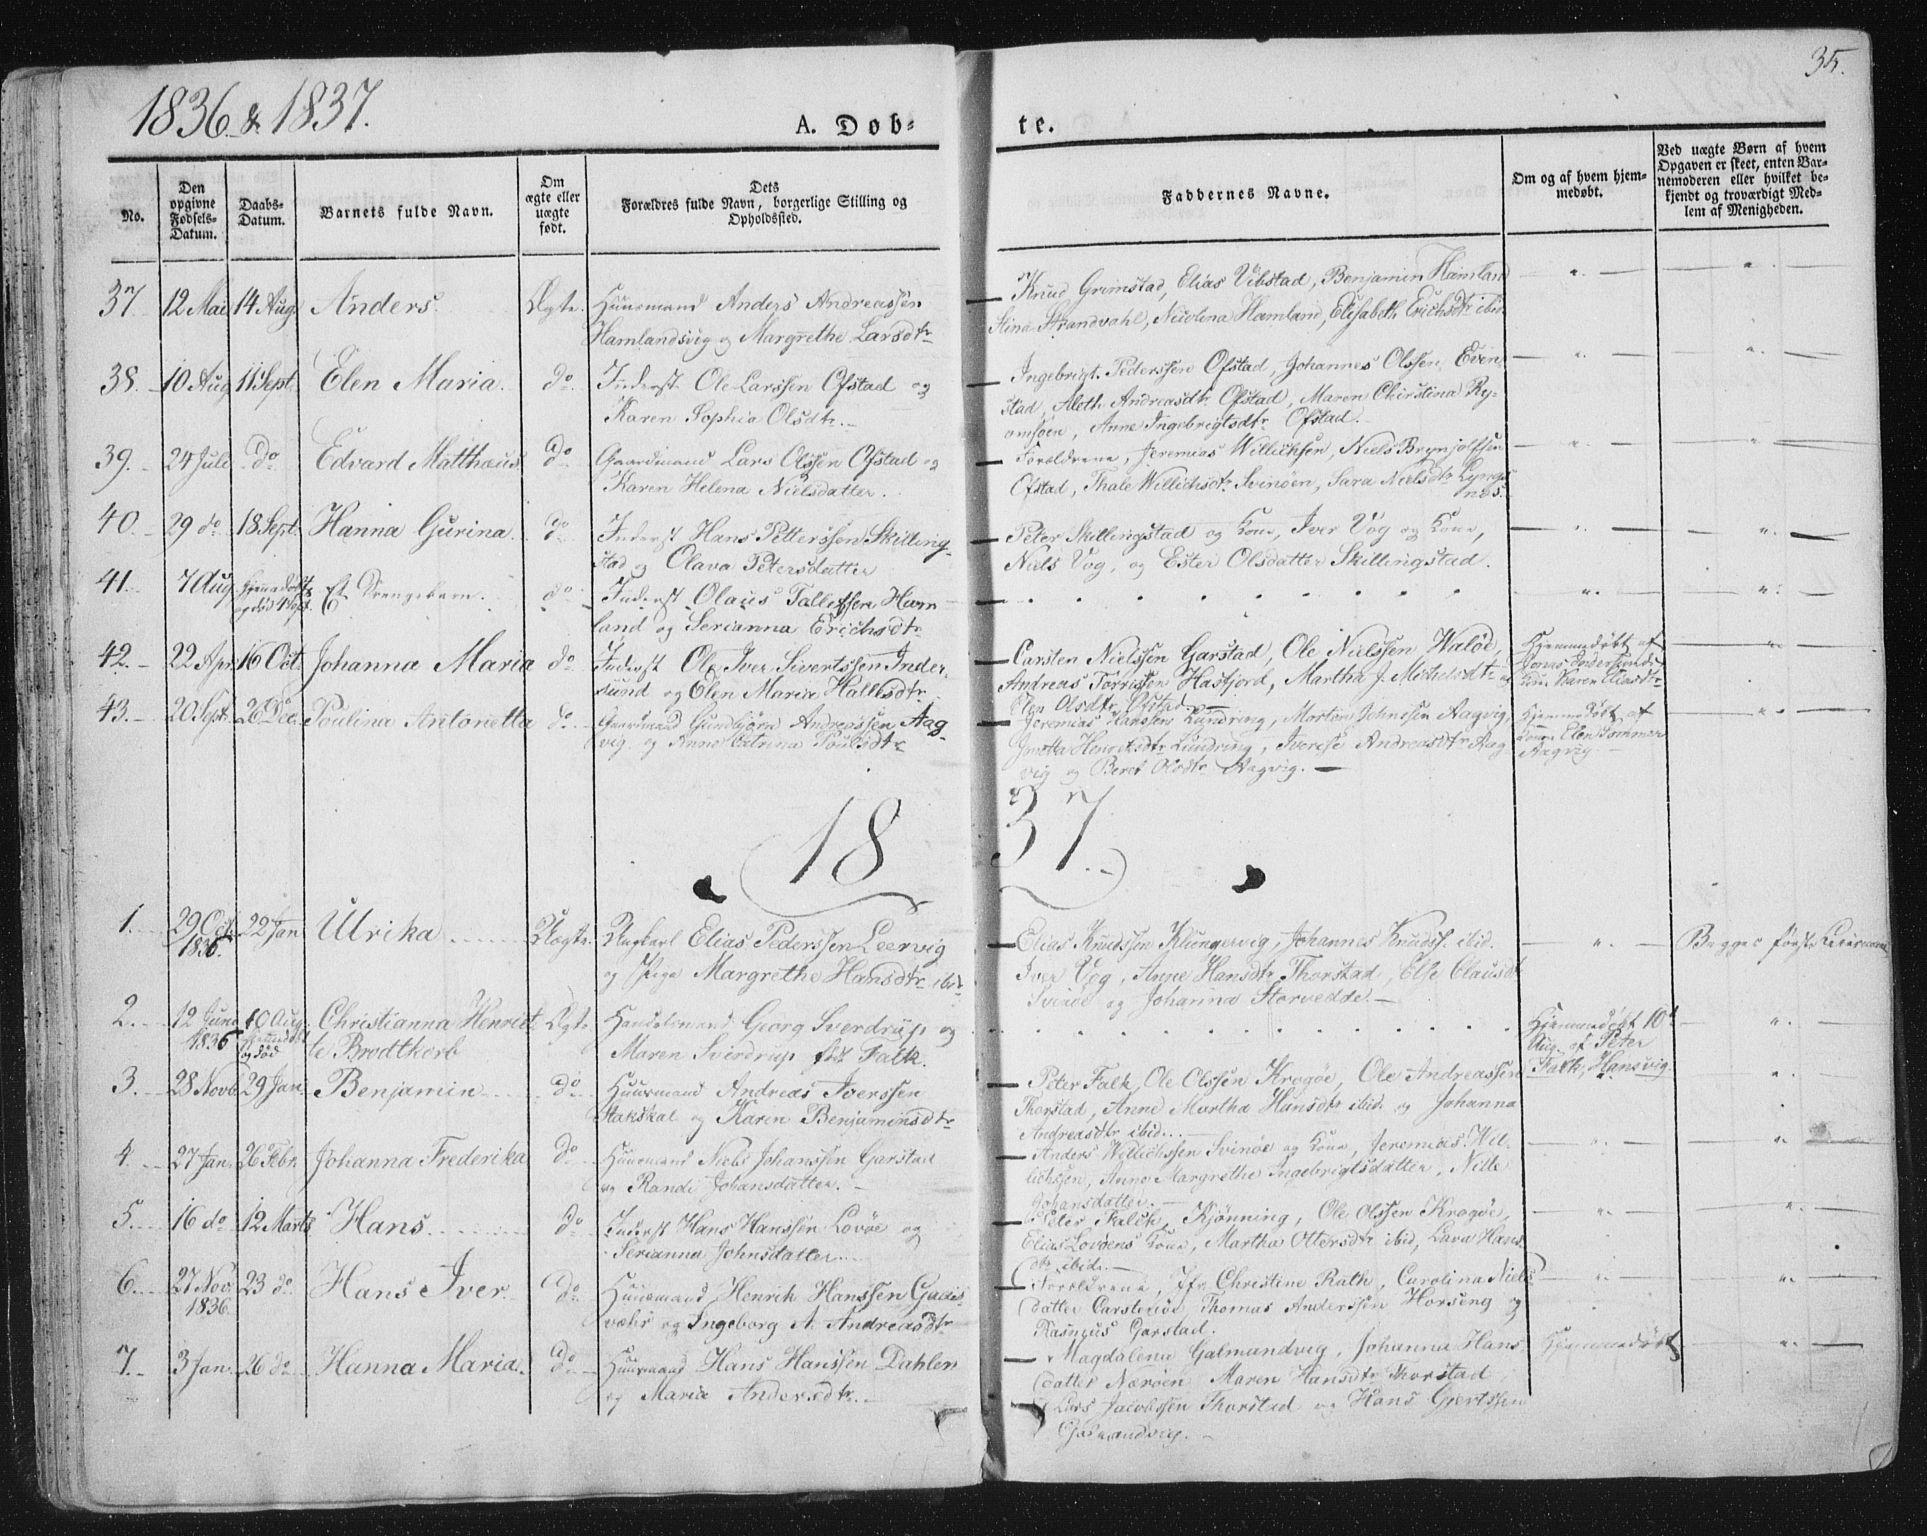 SAT, Ministerialprotokoller, klokkerbøker og fødselsregistre - Nord-Trøndelag, 784/L0669: Ministerialbok nr. 784A04, 1829-1859, s. 35